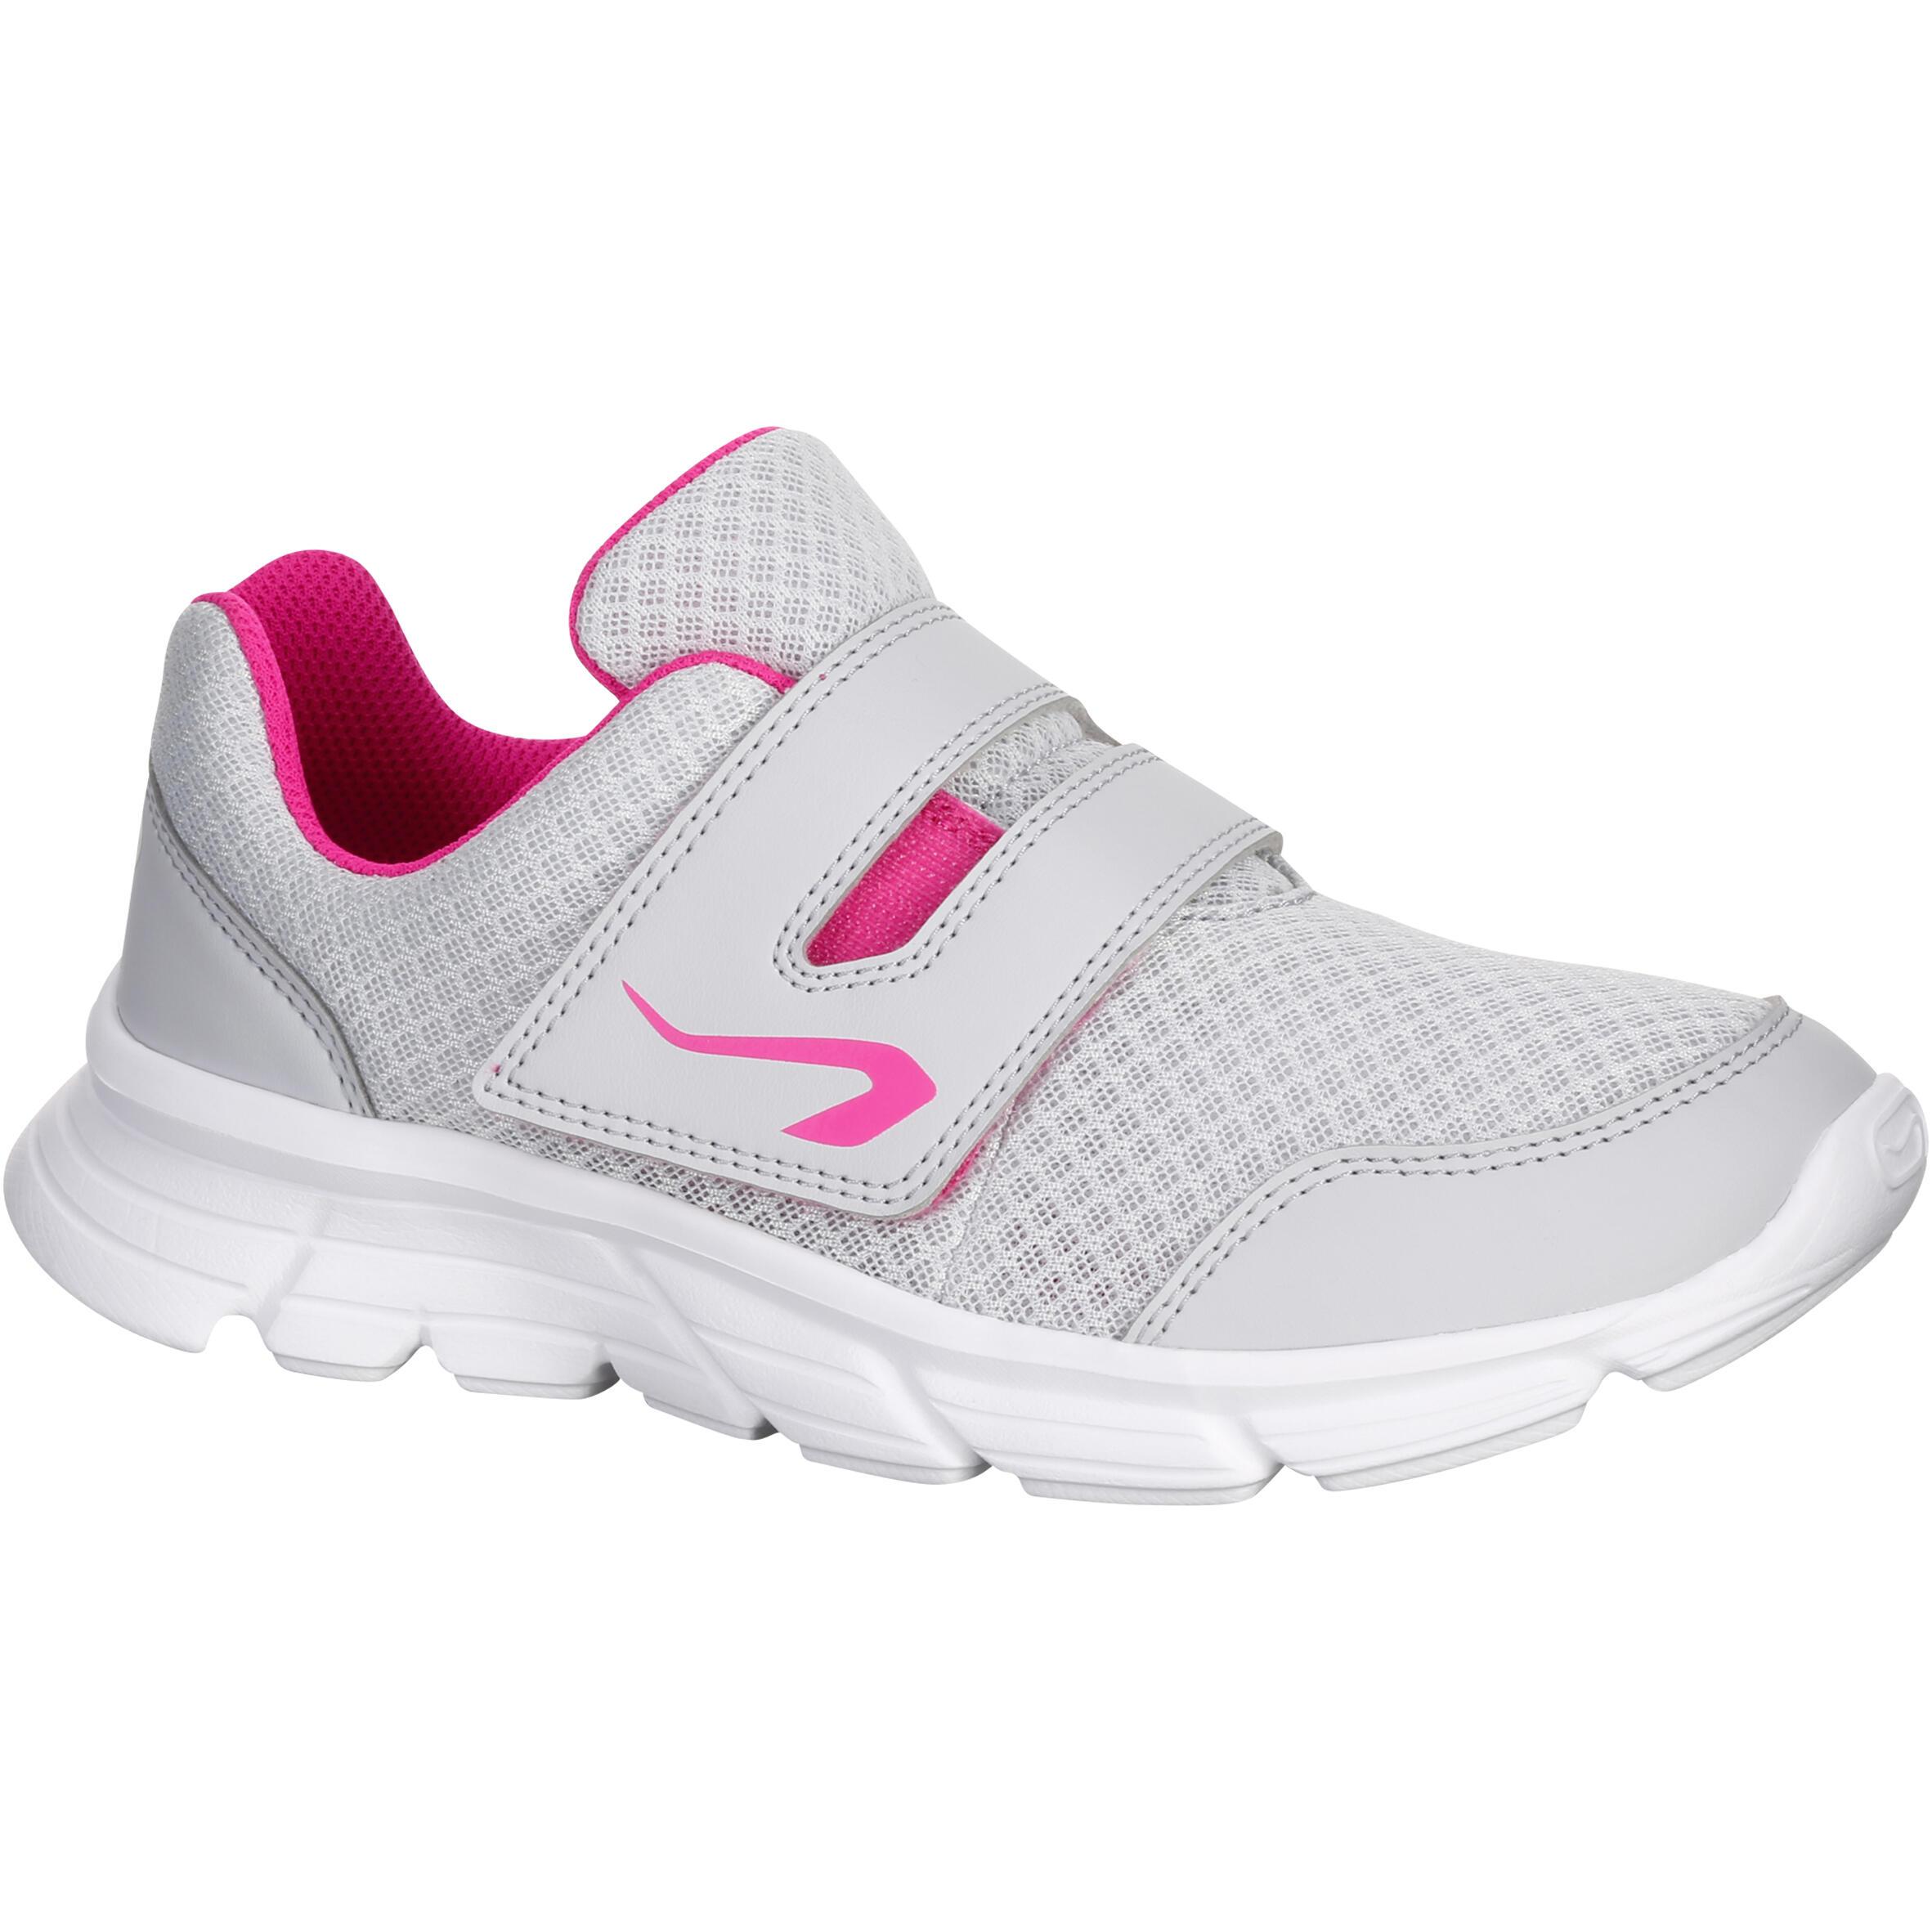 Jungen,Kinder,Kinder Laufschuhe Ekiden One Leichtathletik Kinder hellgrau rosa | 03608429832621